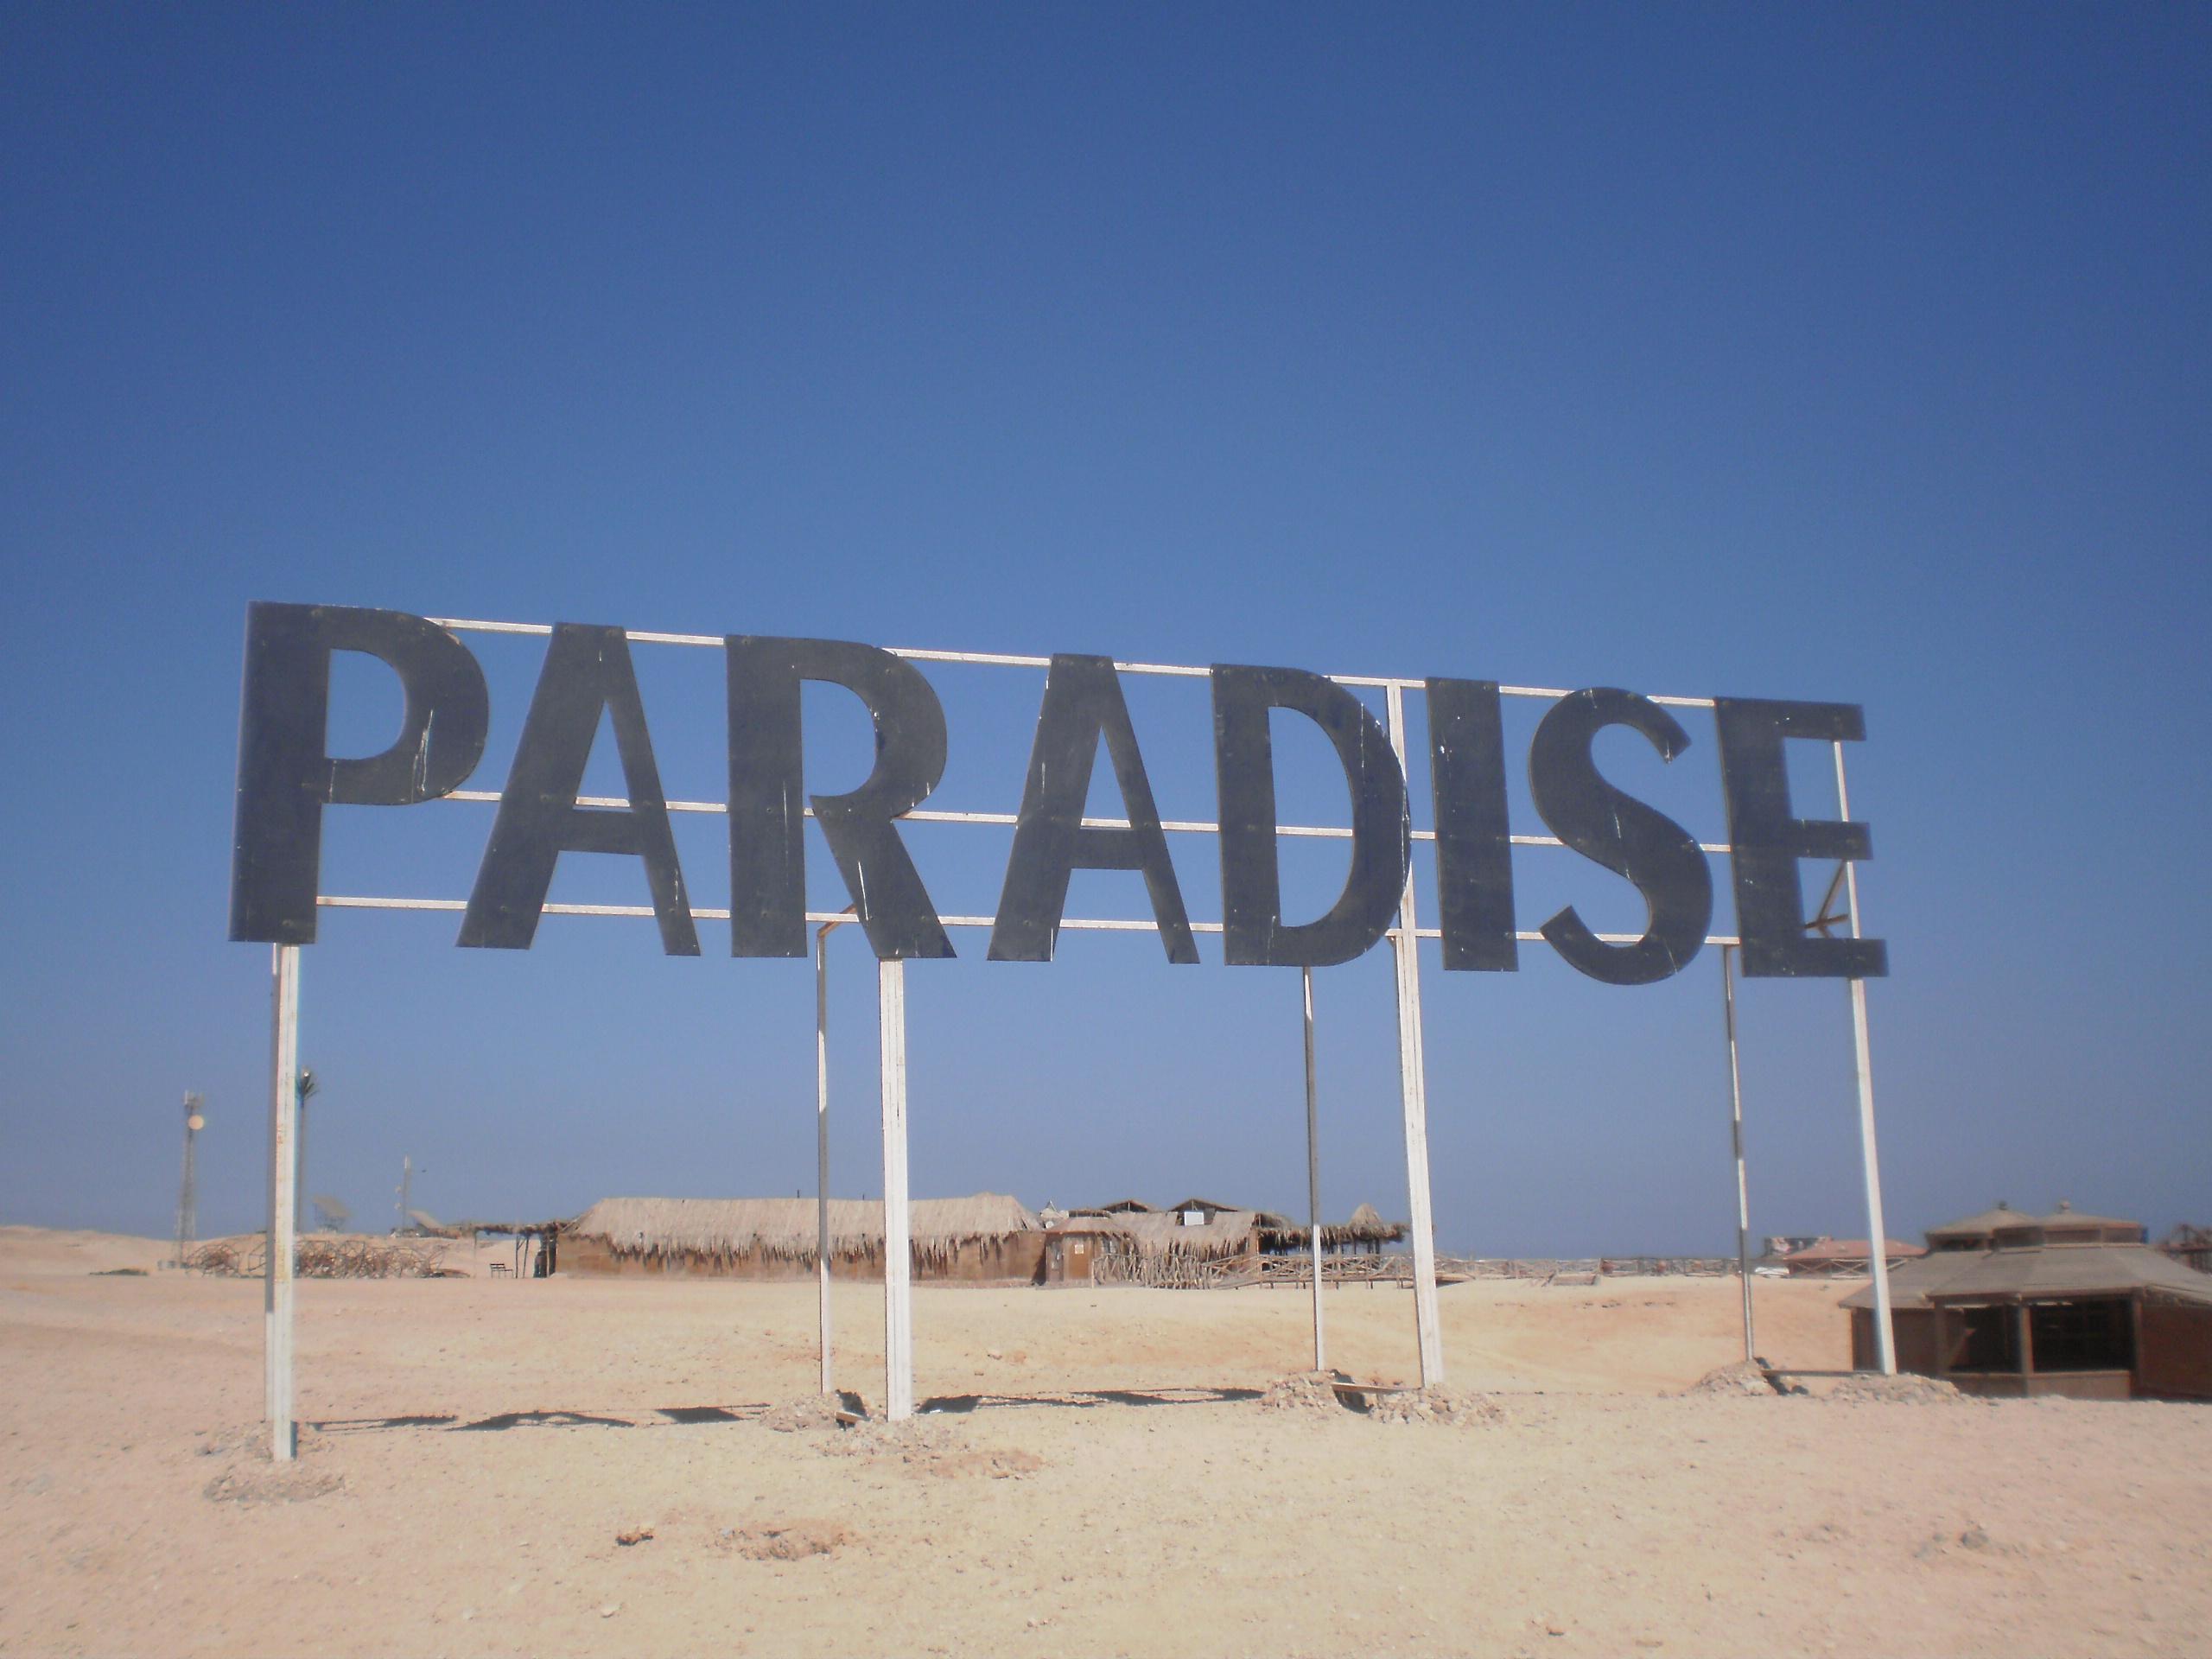 letovanje/egipat/egipat-ostrvo-paradise.JPG